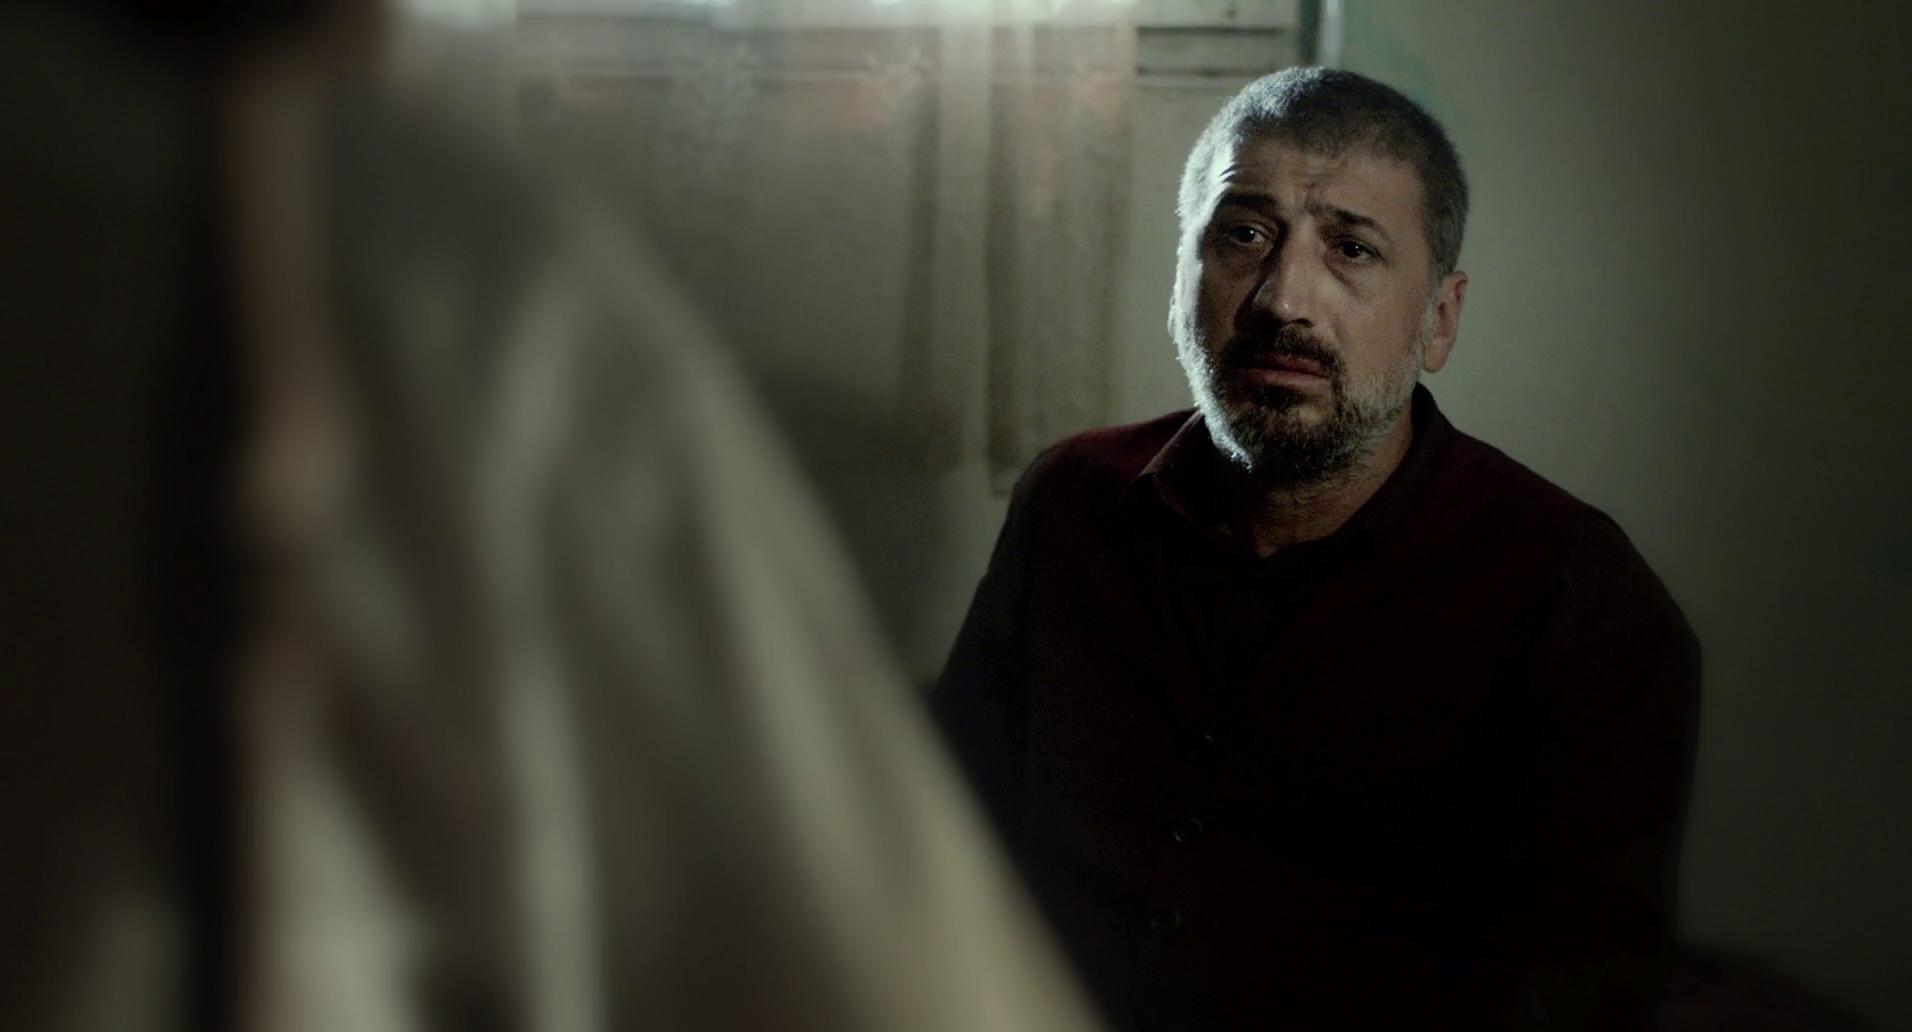 Ve Panayır Köyden Gider 2016 ( m1080p ) SANSÜRSÜZ Yerli Film - indir